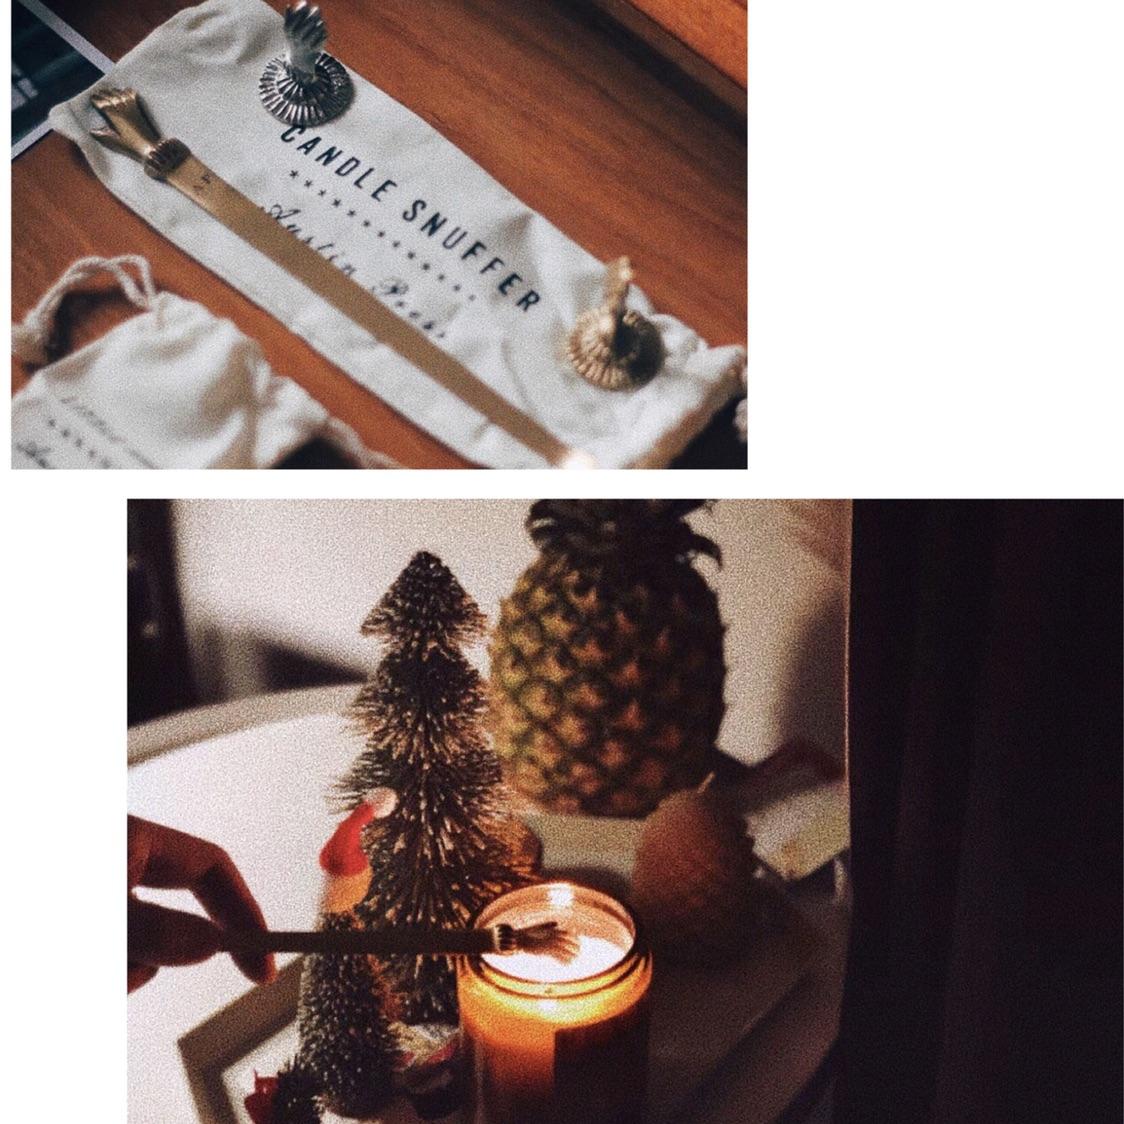 【科普贴】❗️香薰蜡烛怎么烧其实很讲究—文艺至极❗️